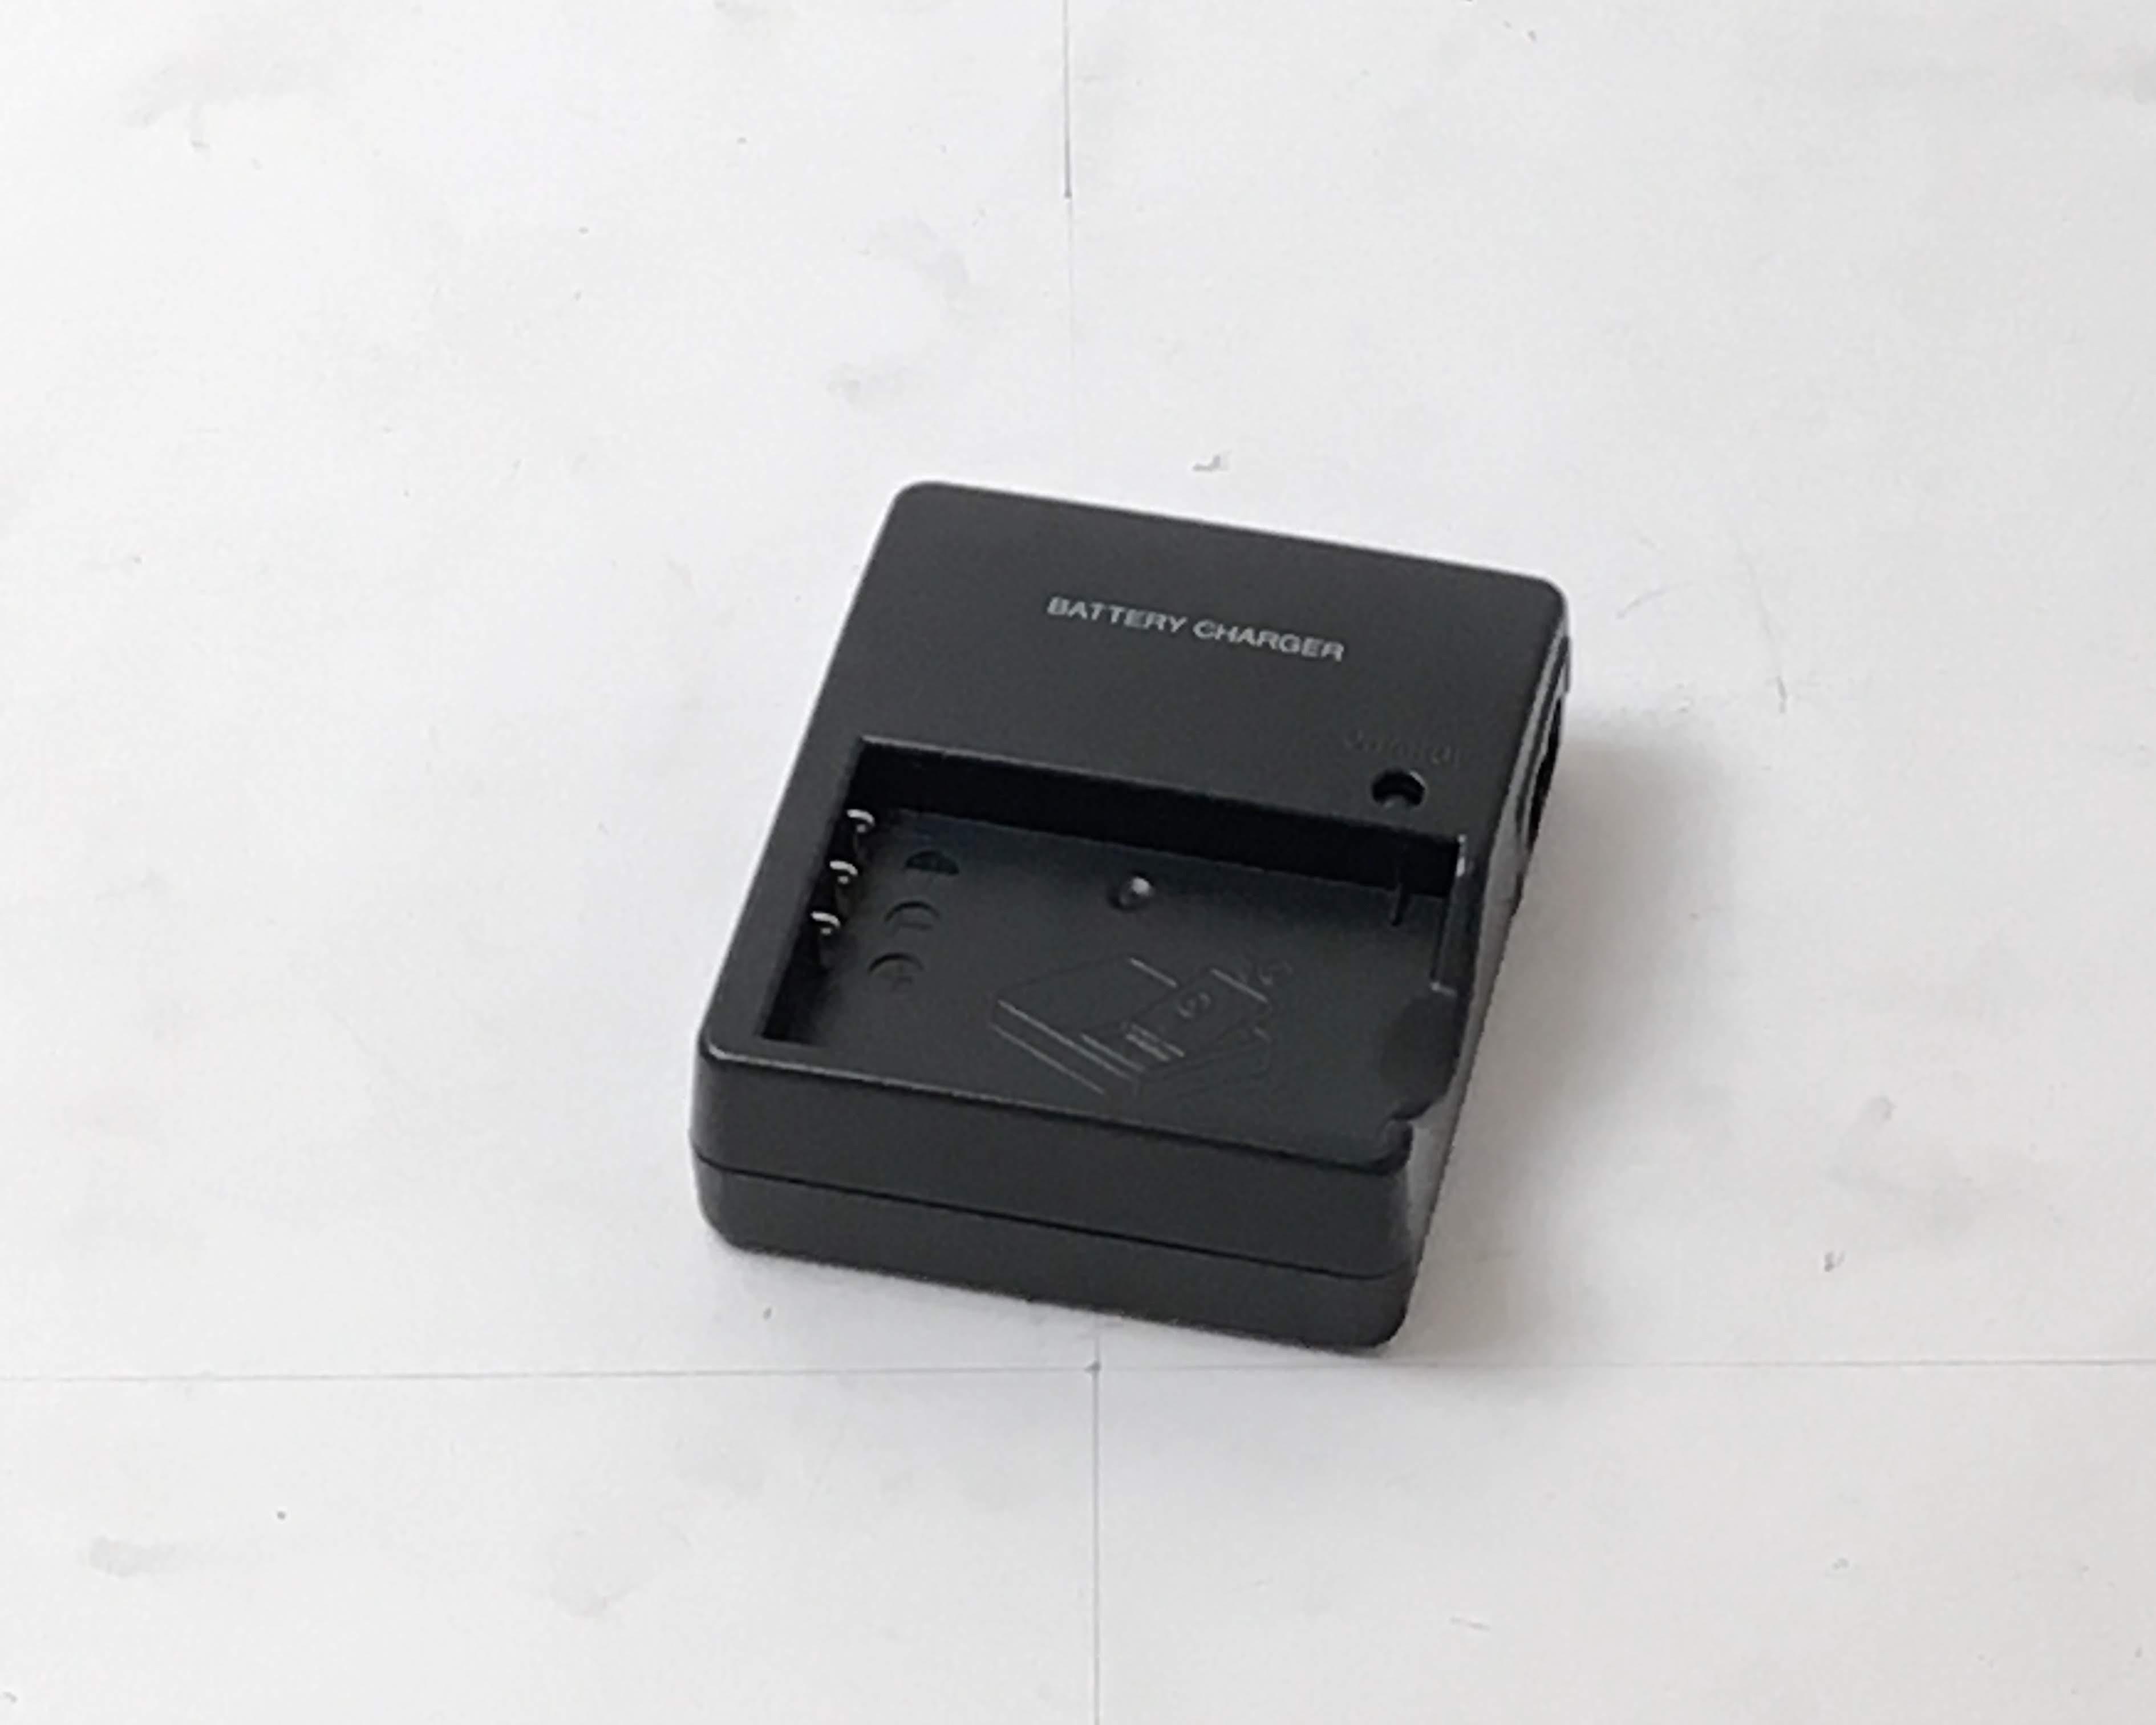 【中古】リチウムイオンバッテリー急速充電器 MRC-1000 本体画像